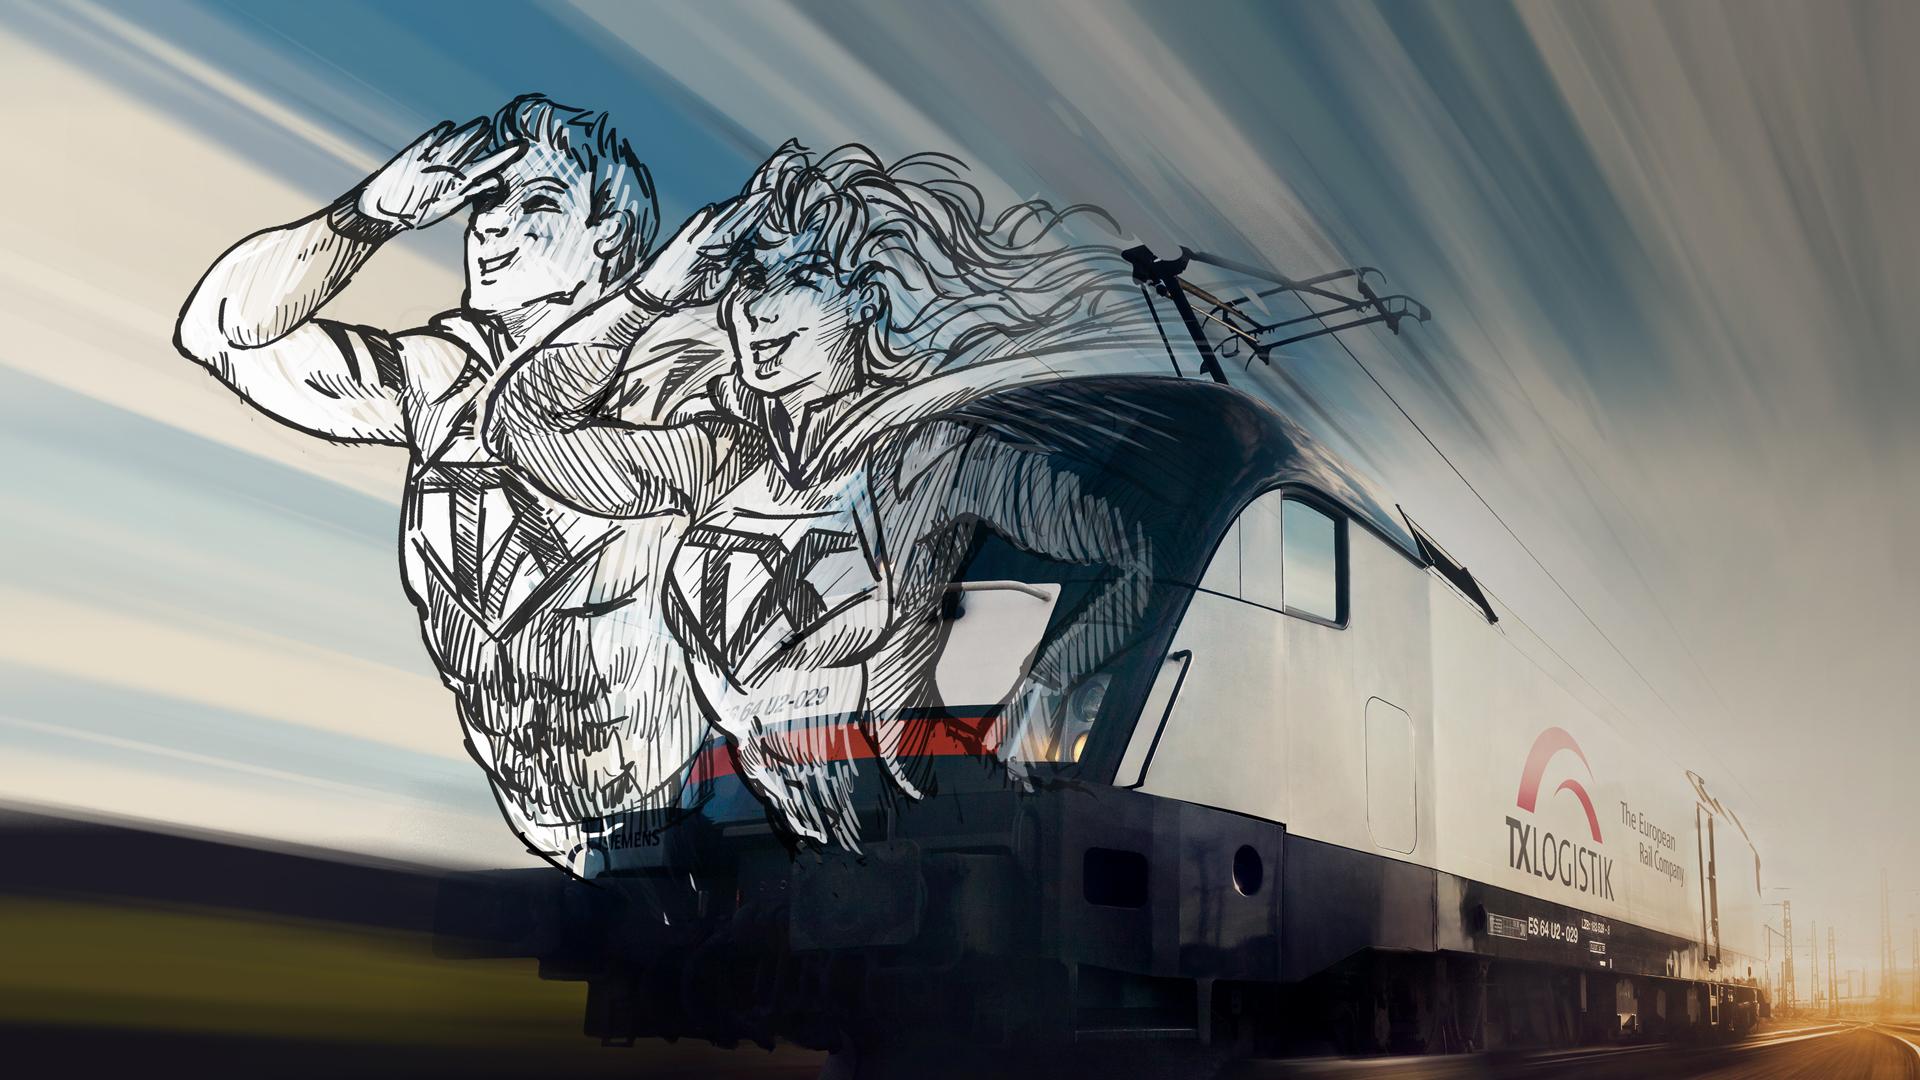 Helden auf der Schiene